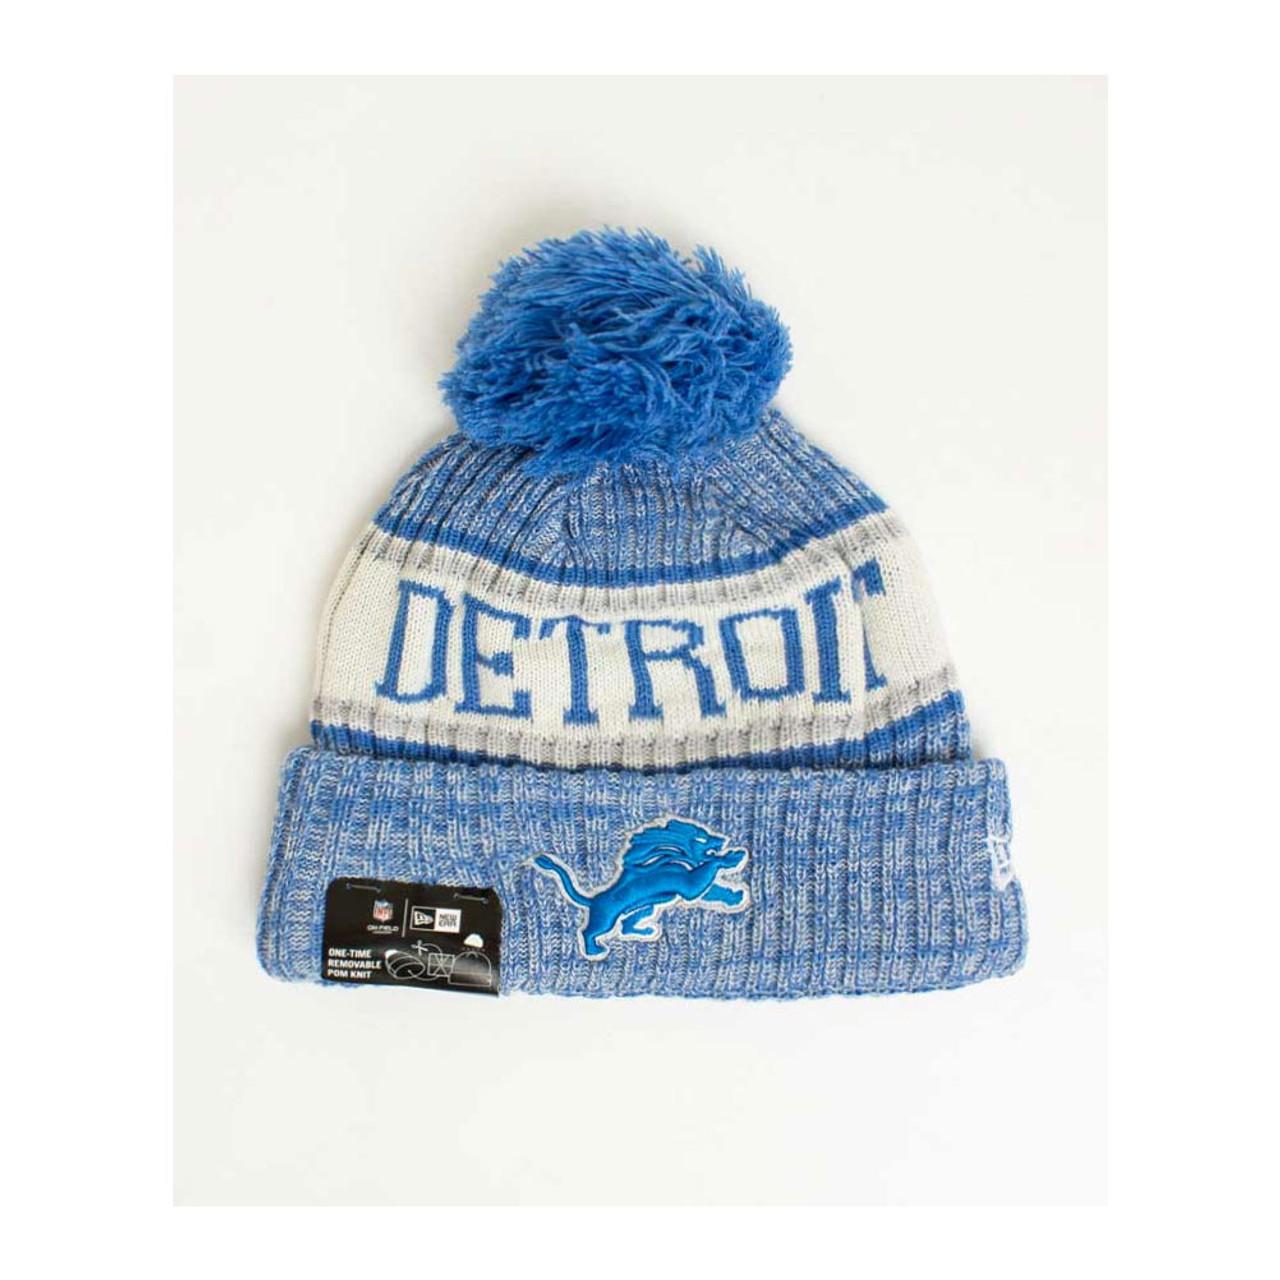 reputable site 76728 6fec6 NEW ERA Detrit Lions NFL sideline knit bobble beanie hat  blue